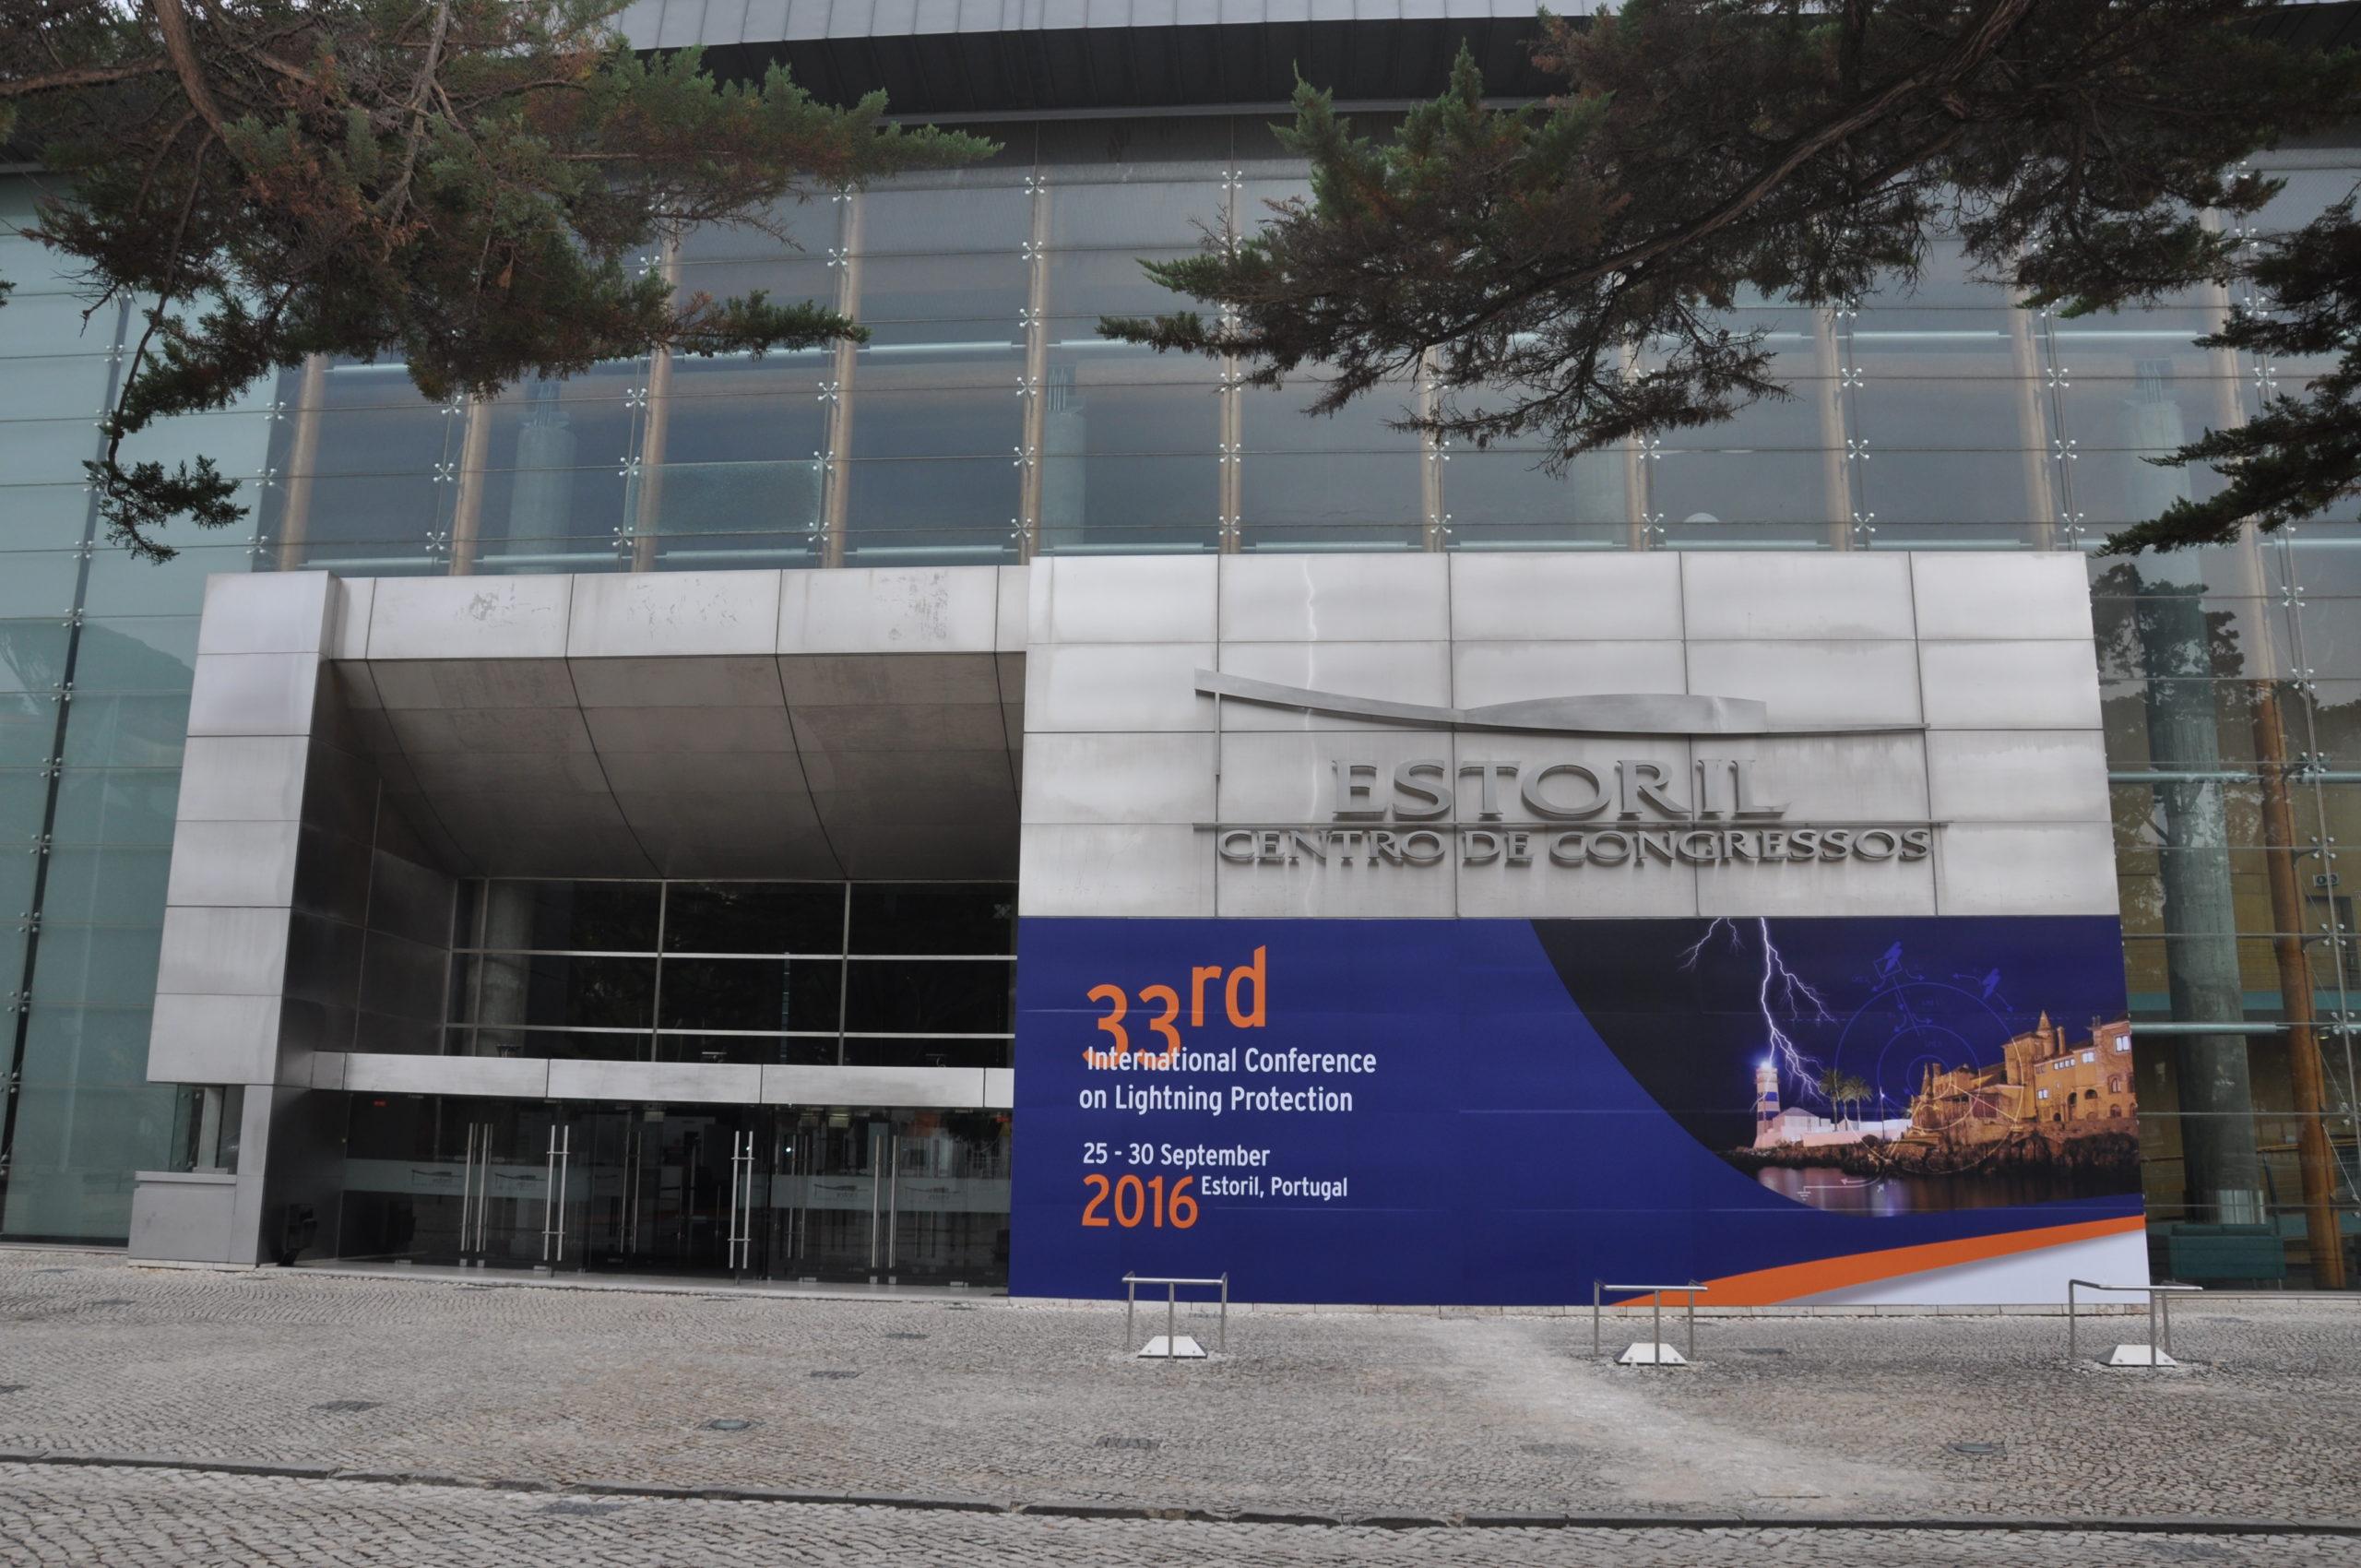 Aplicaciones Tecnológicas participou na 33rd International Conference on Lightning Protection